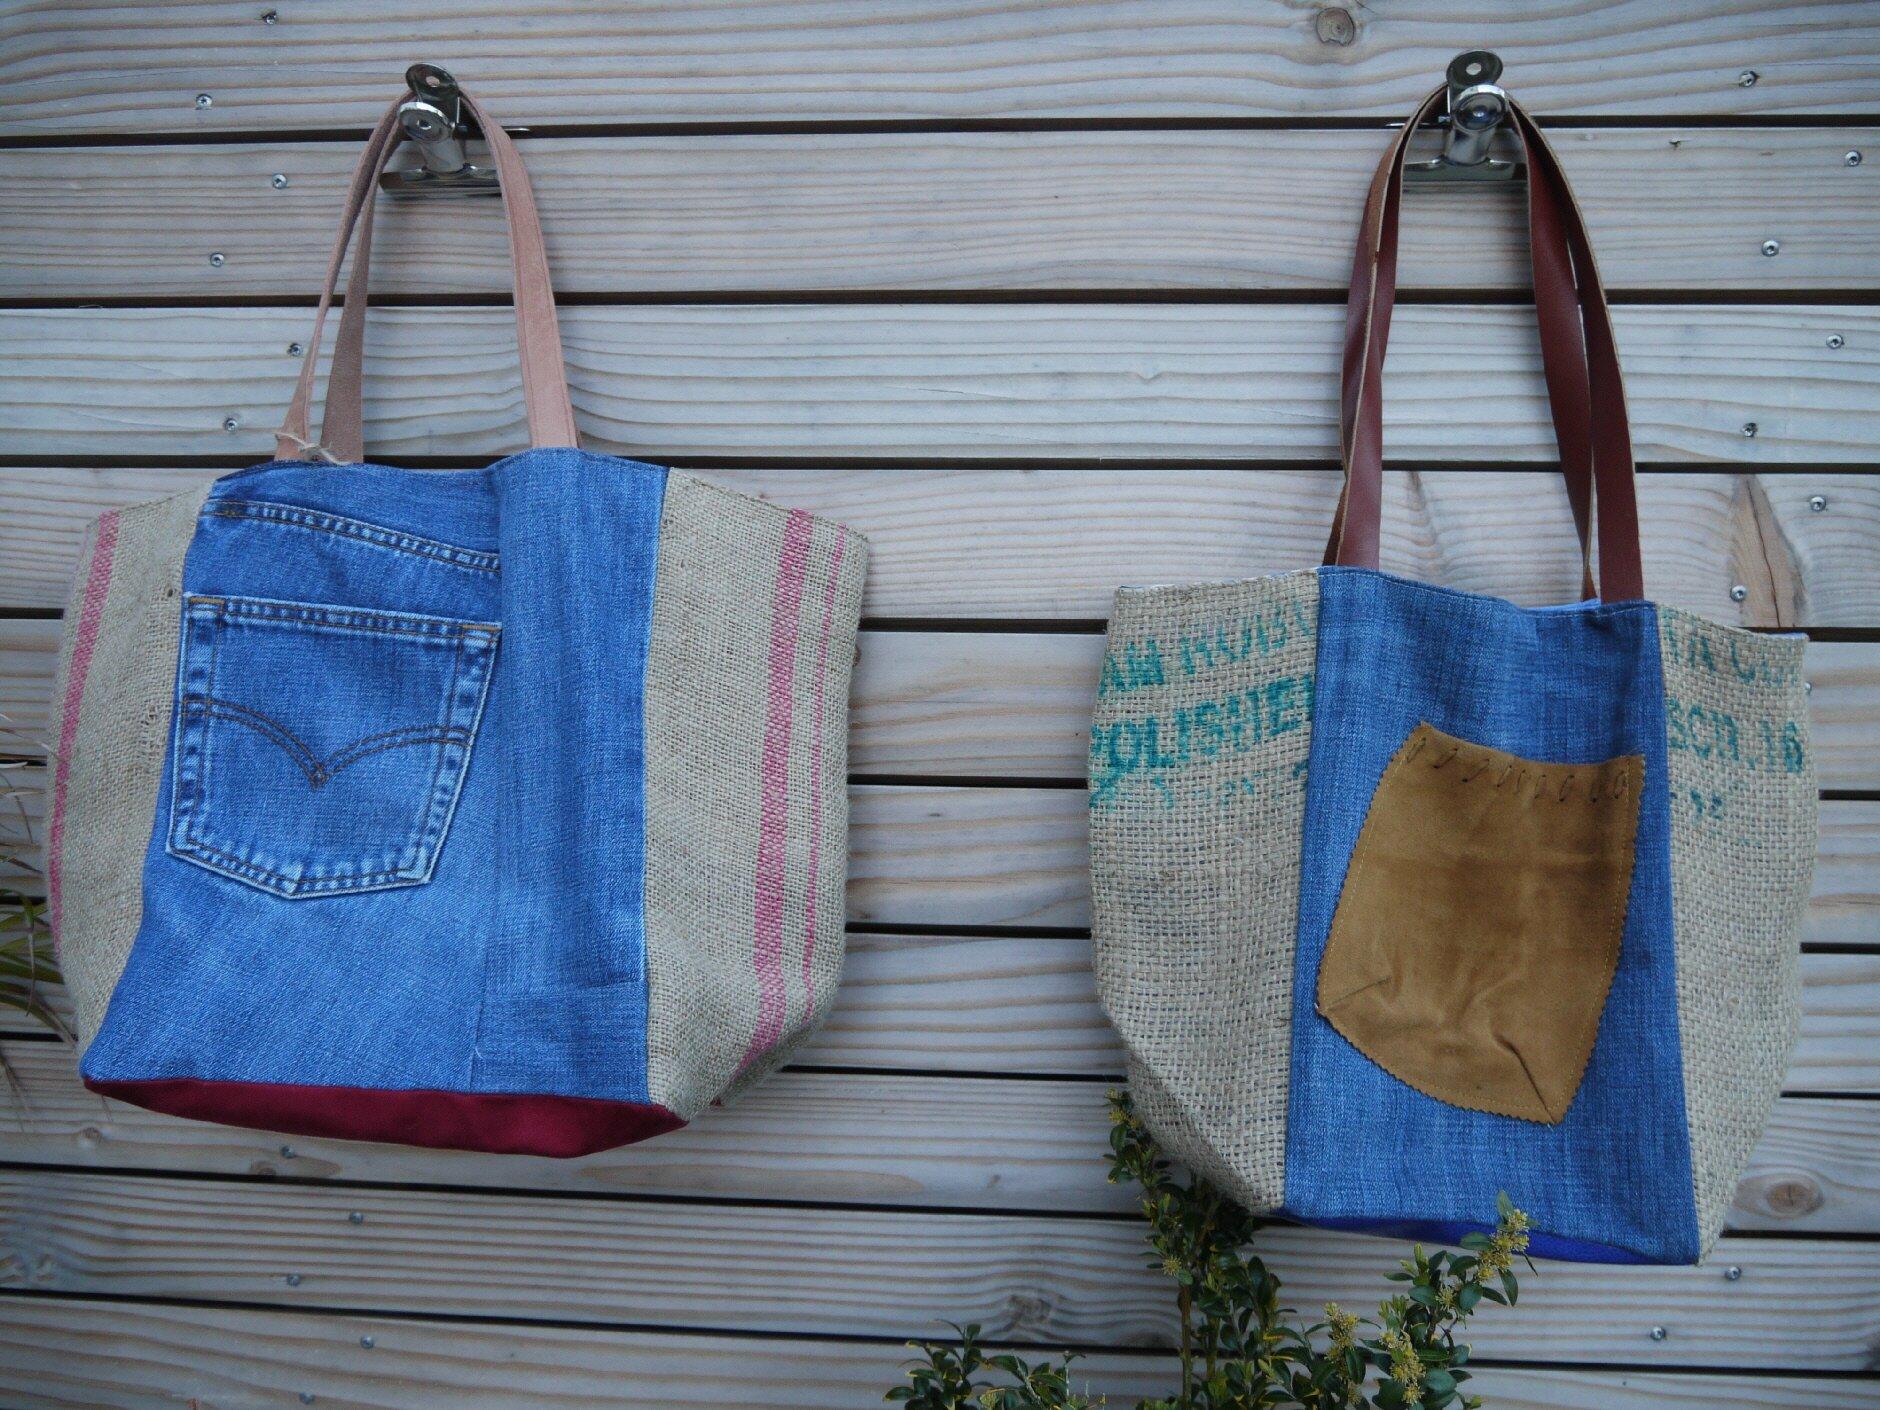 nouveaux sacs upcycling toile de jute de sac caf et toile de jeans recycl s l 39 atelier. Black Bedroom Furniture Sets. Home Design Ideas